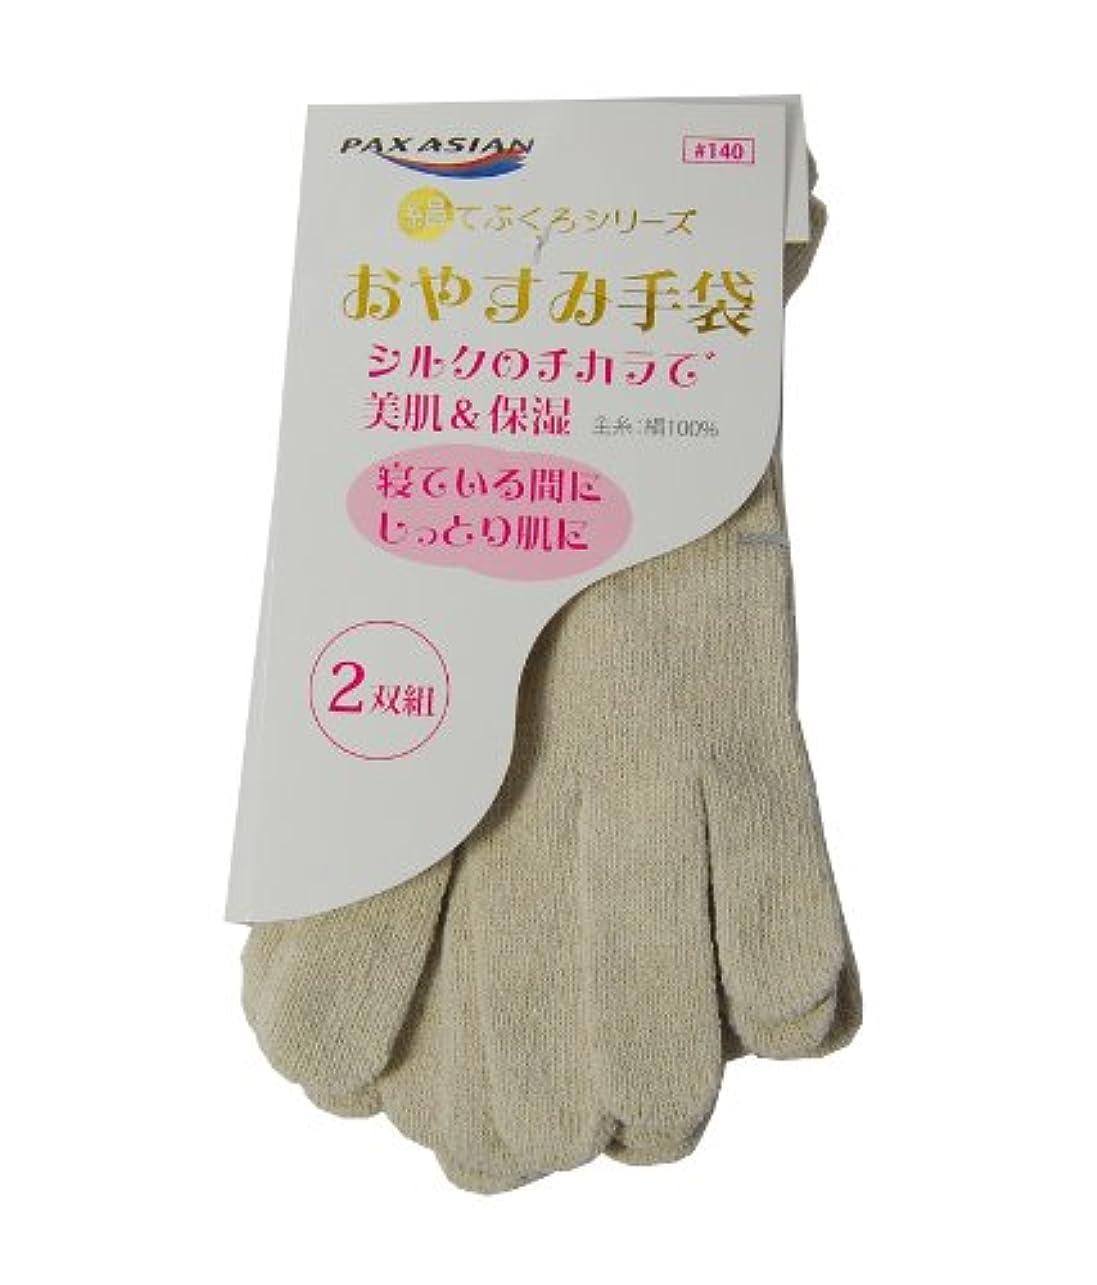 ペルセウスキロメートルコントロールPAX-ASIAN おやすみ シルク手袋 フレアータイプ 絹 100% ソフト 婦人用 2双組 #140